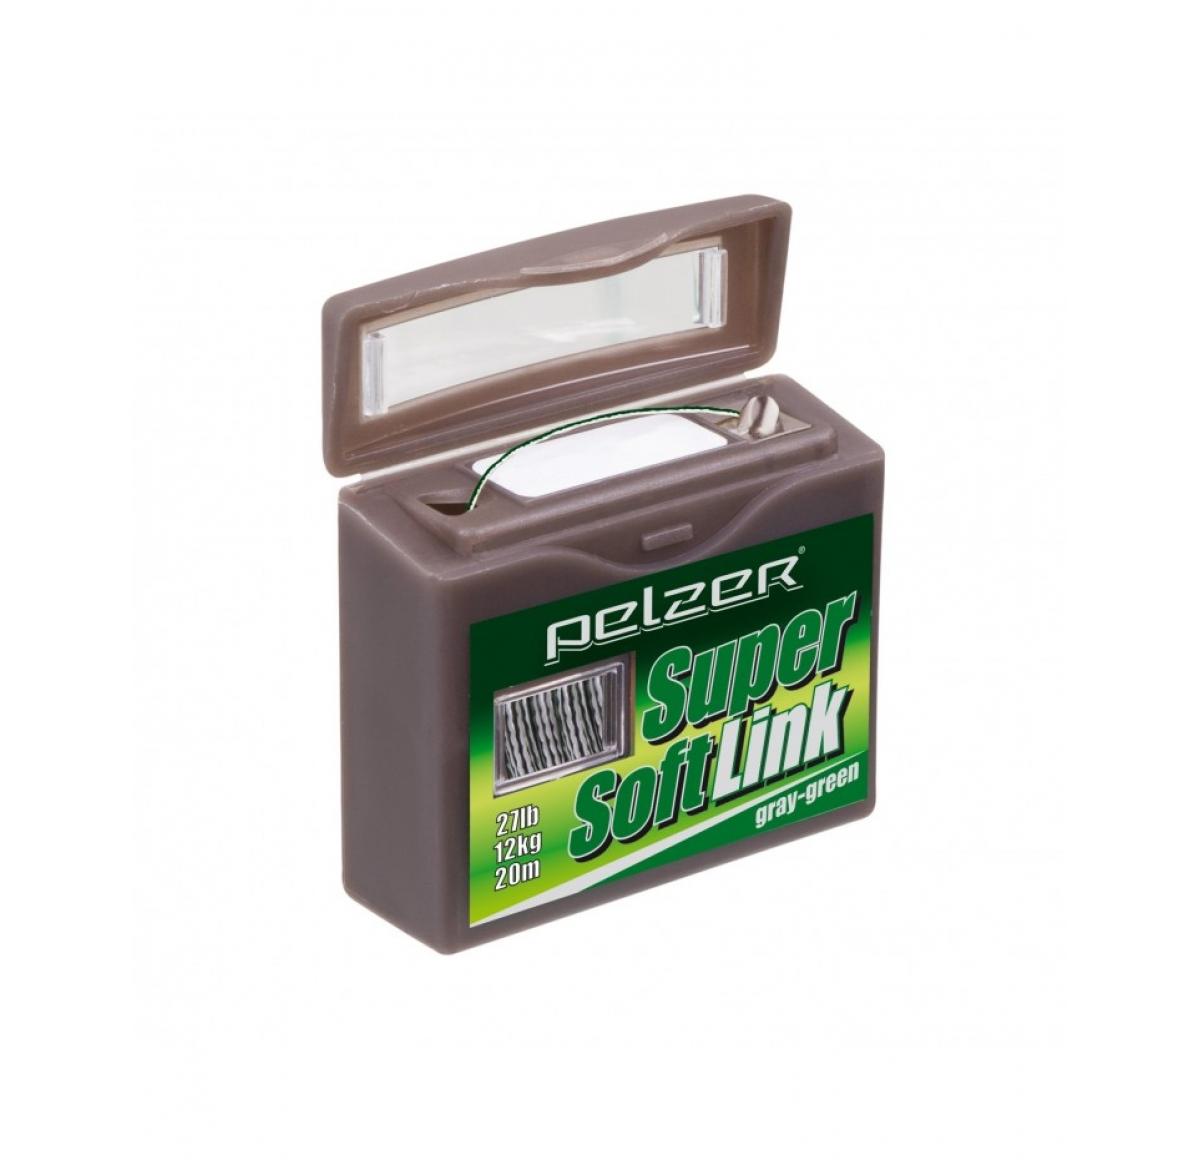 Pelzer Super Soft Link 35lb 20m green